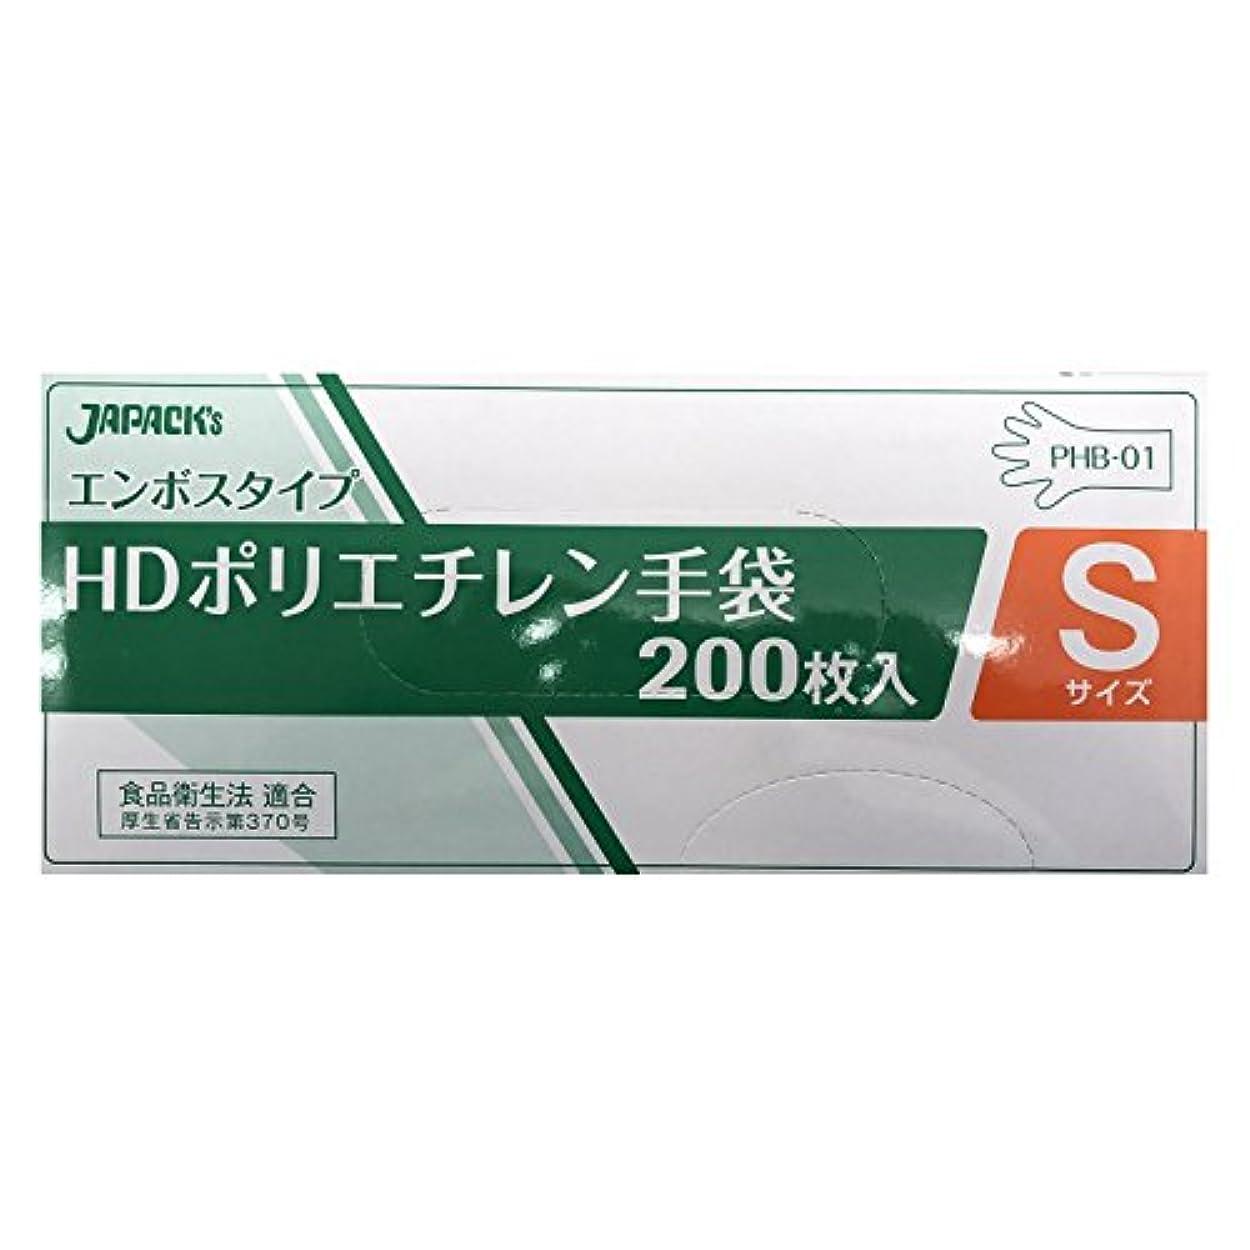 怠惰レーダーたるみエンボスタイプ HDポリエチレン手袋 Sサイズ BOX 200枚入 無着色 PHB-01